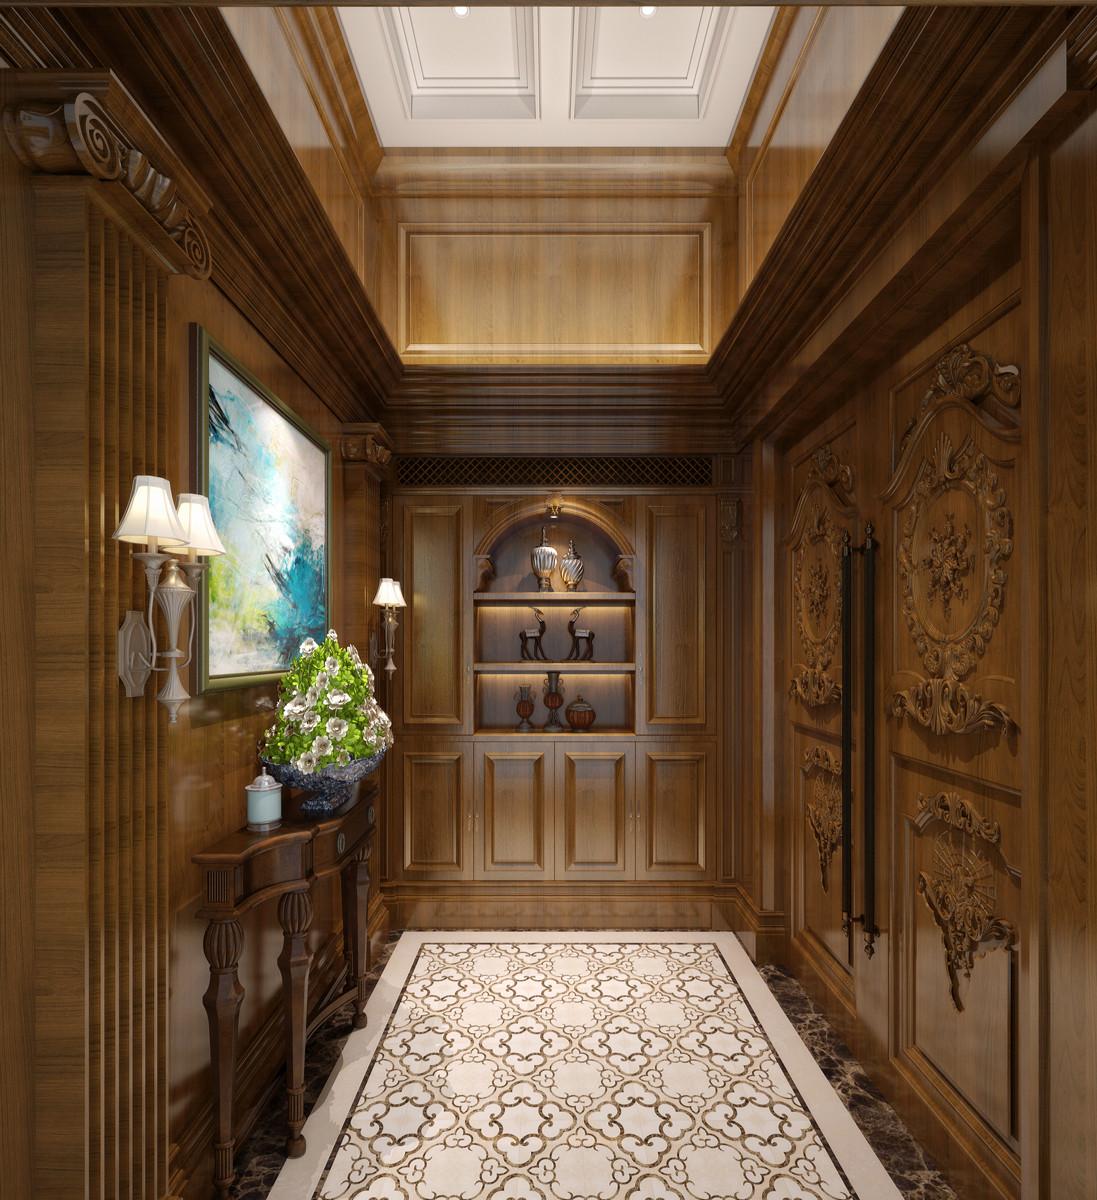 美式别墅装修门厅装潢图